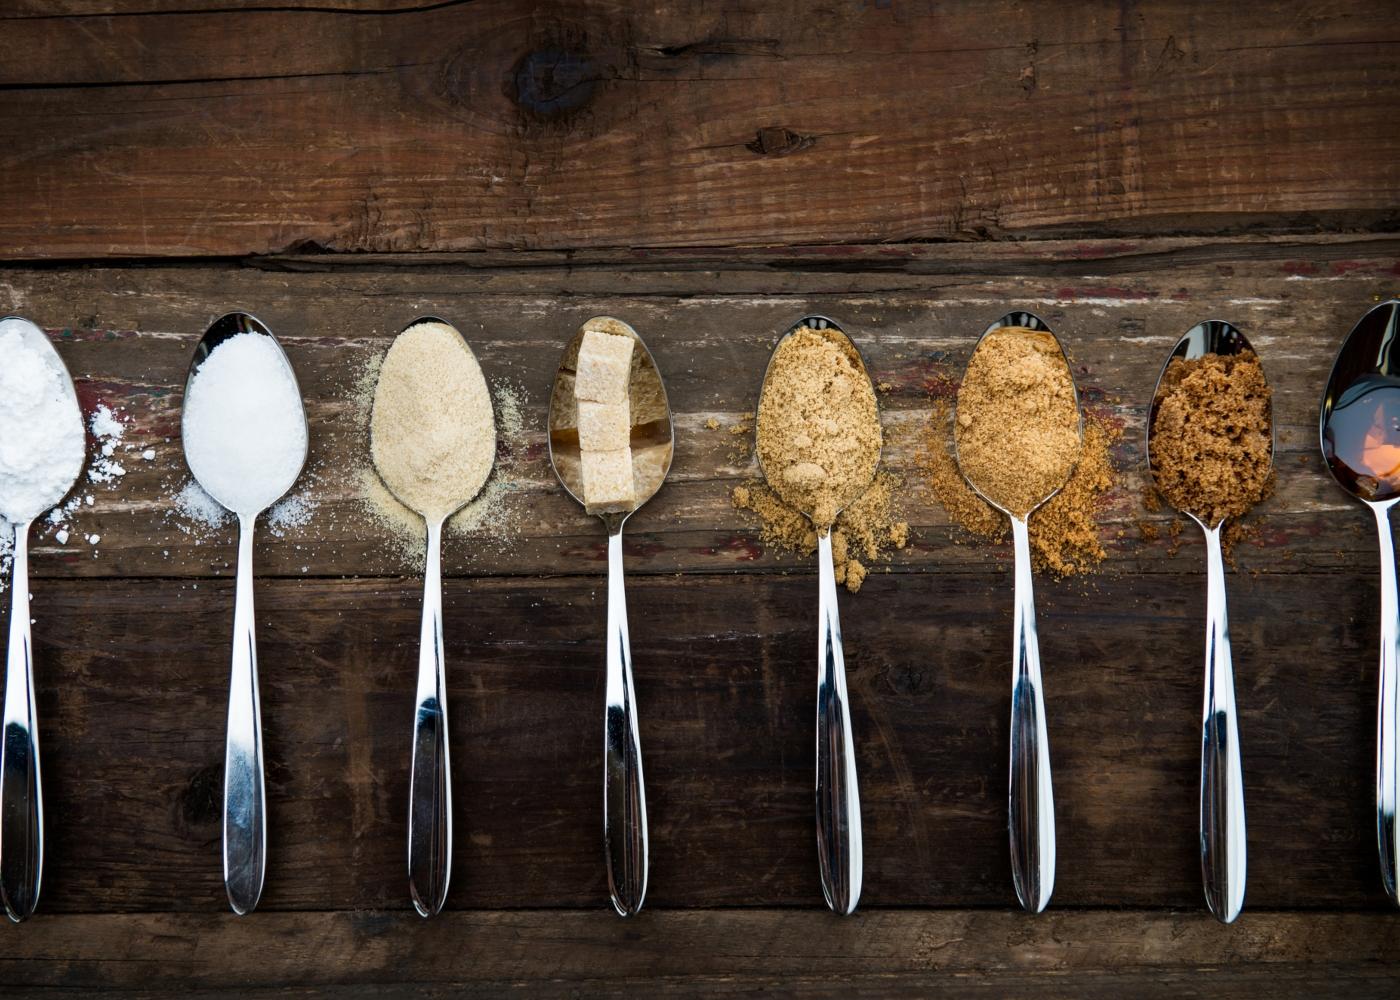 Colheres com diferentes tipos de açúcar